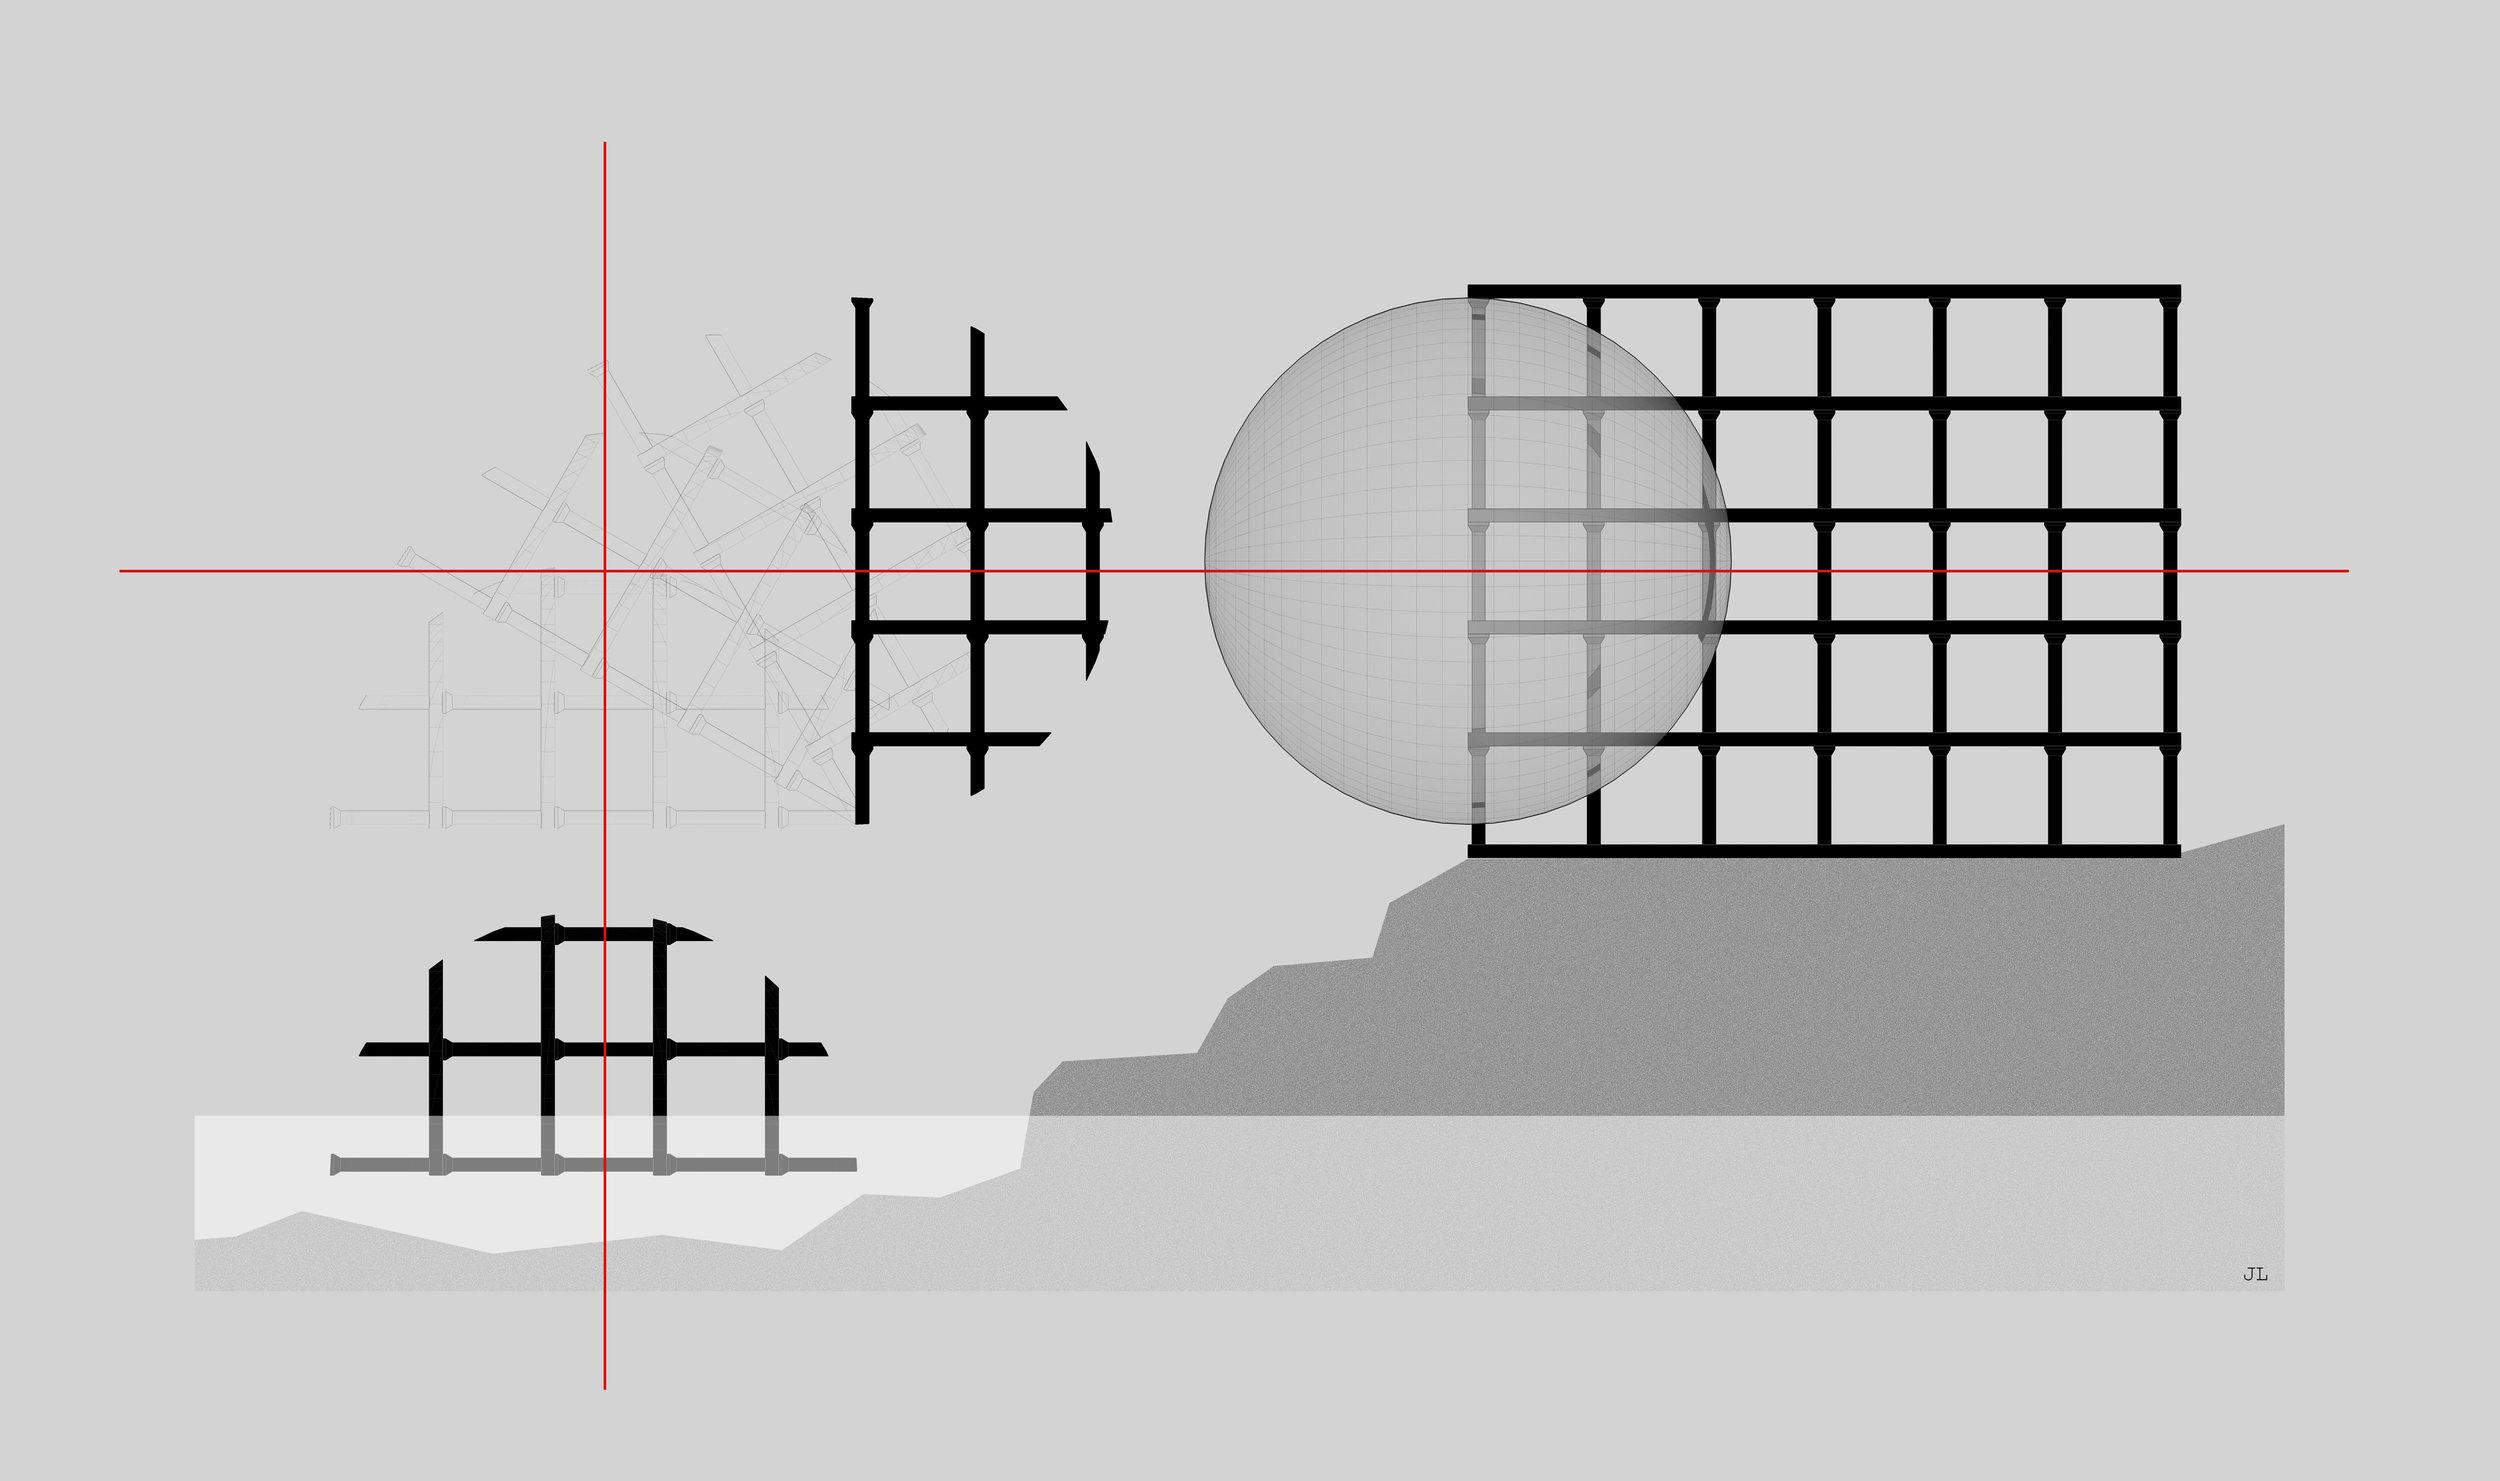 sphereical-cut3.jpg